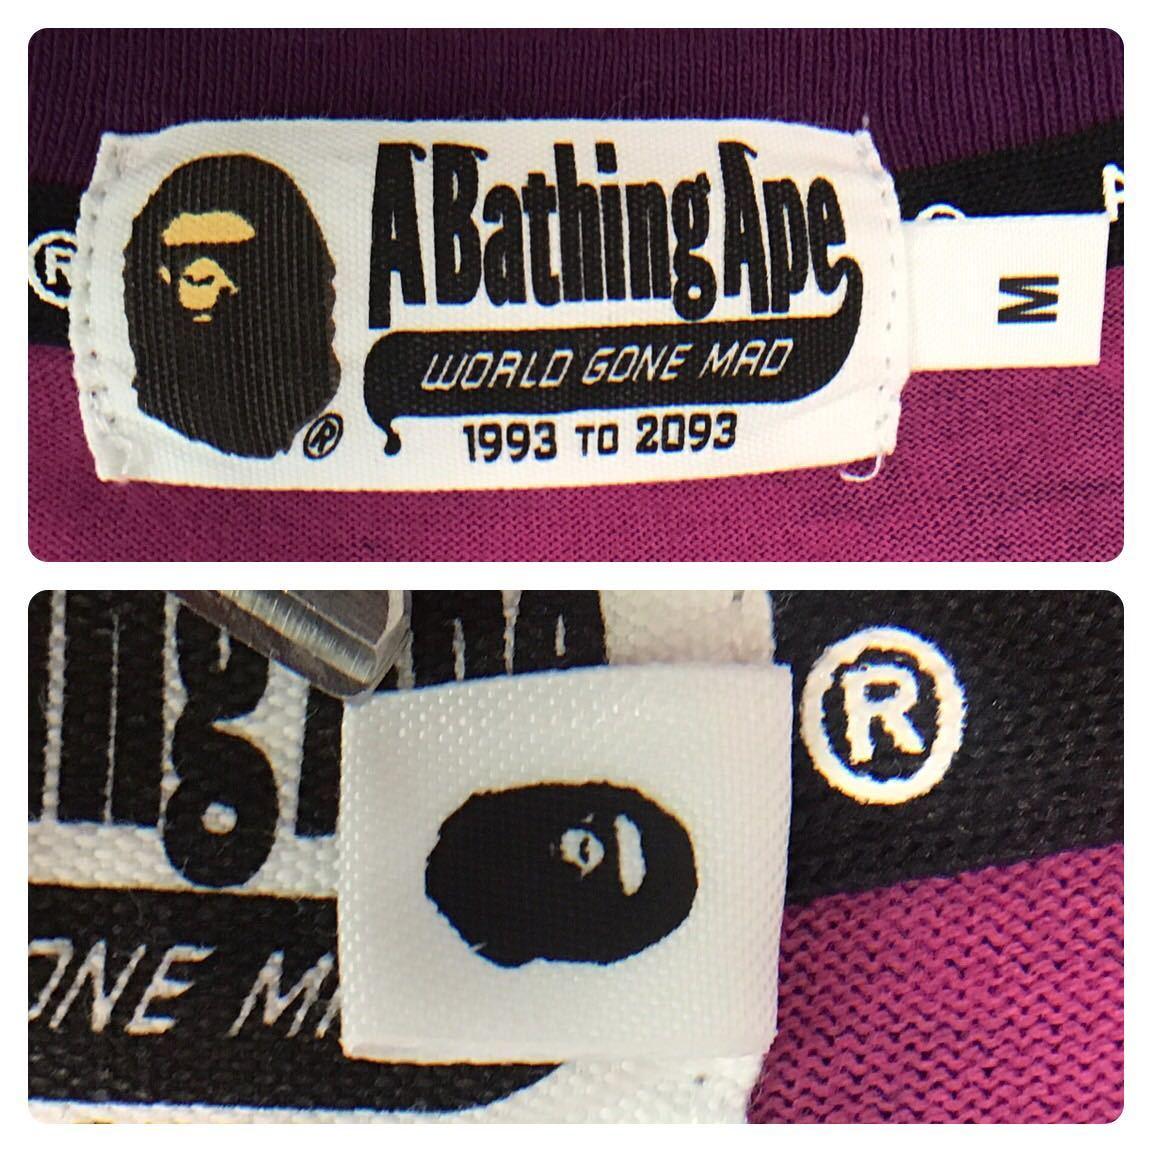 purple camo target logo 長袖 Tシャツ Mサイズ a bathing ape BAPE エイプ ベイプ アベイシングエイプ soldier 猿の惑星 パープルカモ